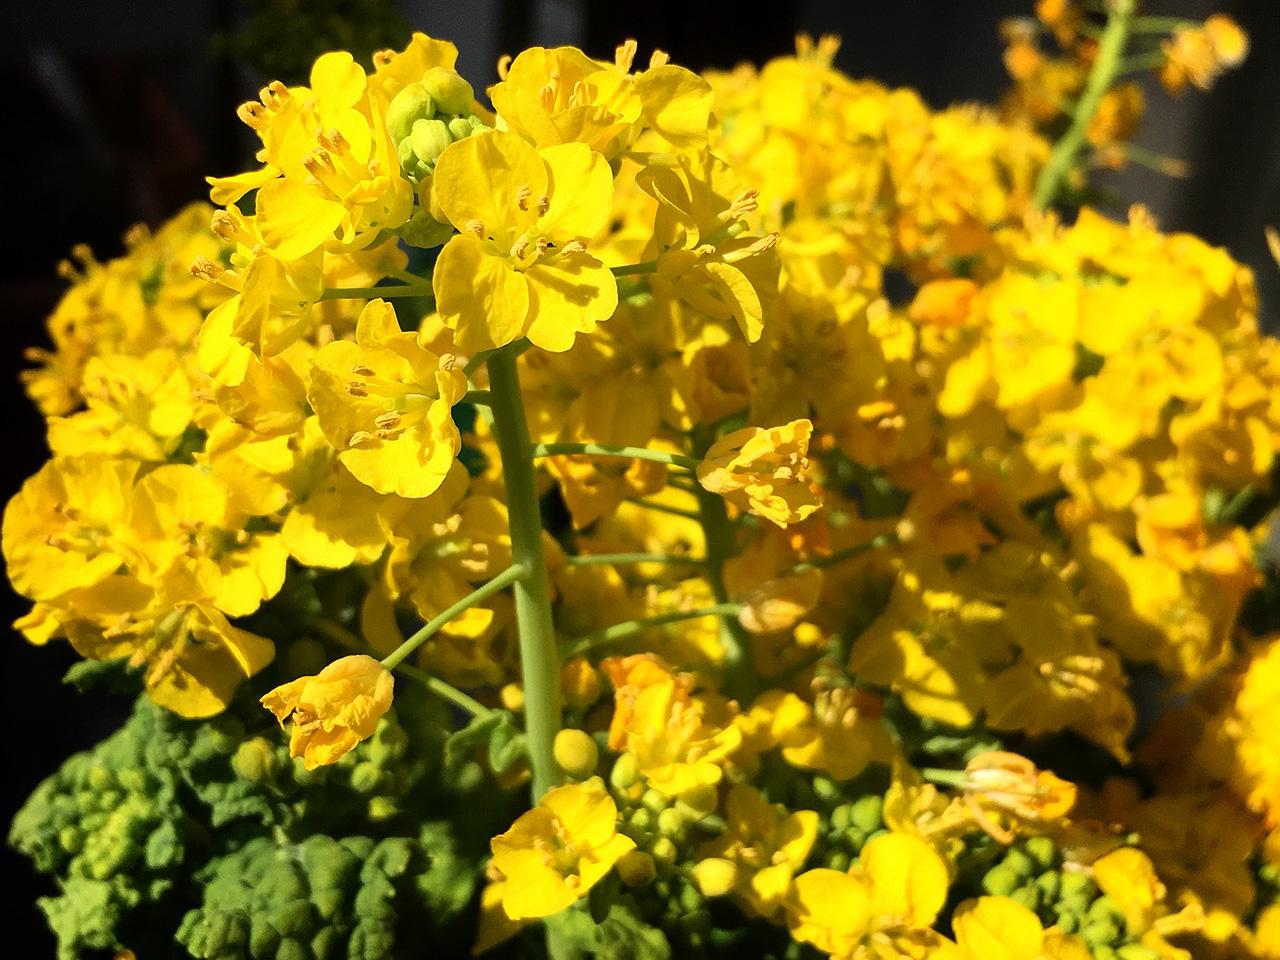 菜の花(なのはな)の写真(フリー素材)